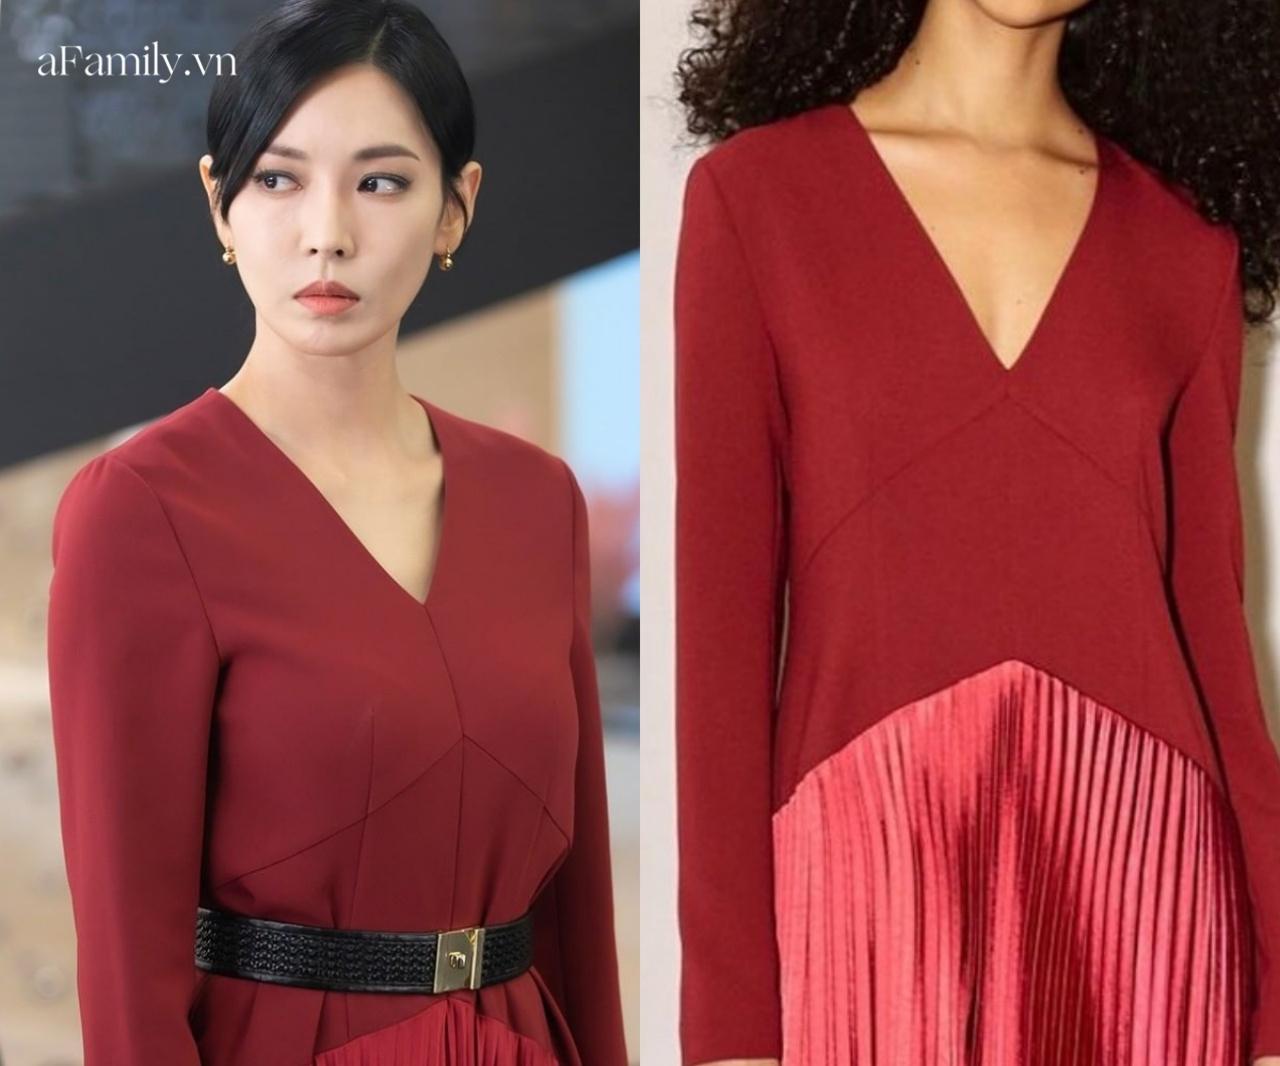 Xem Penthouse mà phục lăn tài sửa váy của ác nữ Kim So Yeon: Sửa như không sửa, thị lực 10/10 cũng khó phát hiện ra - Ảnh 3.